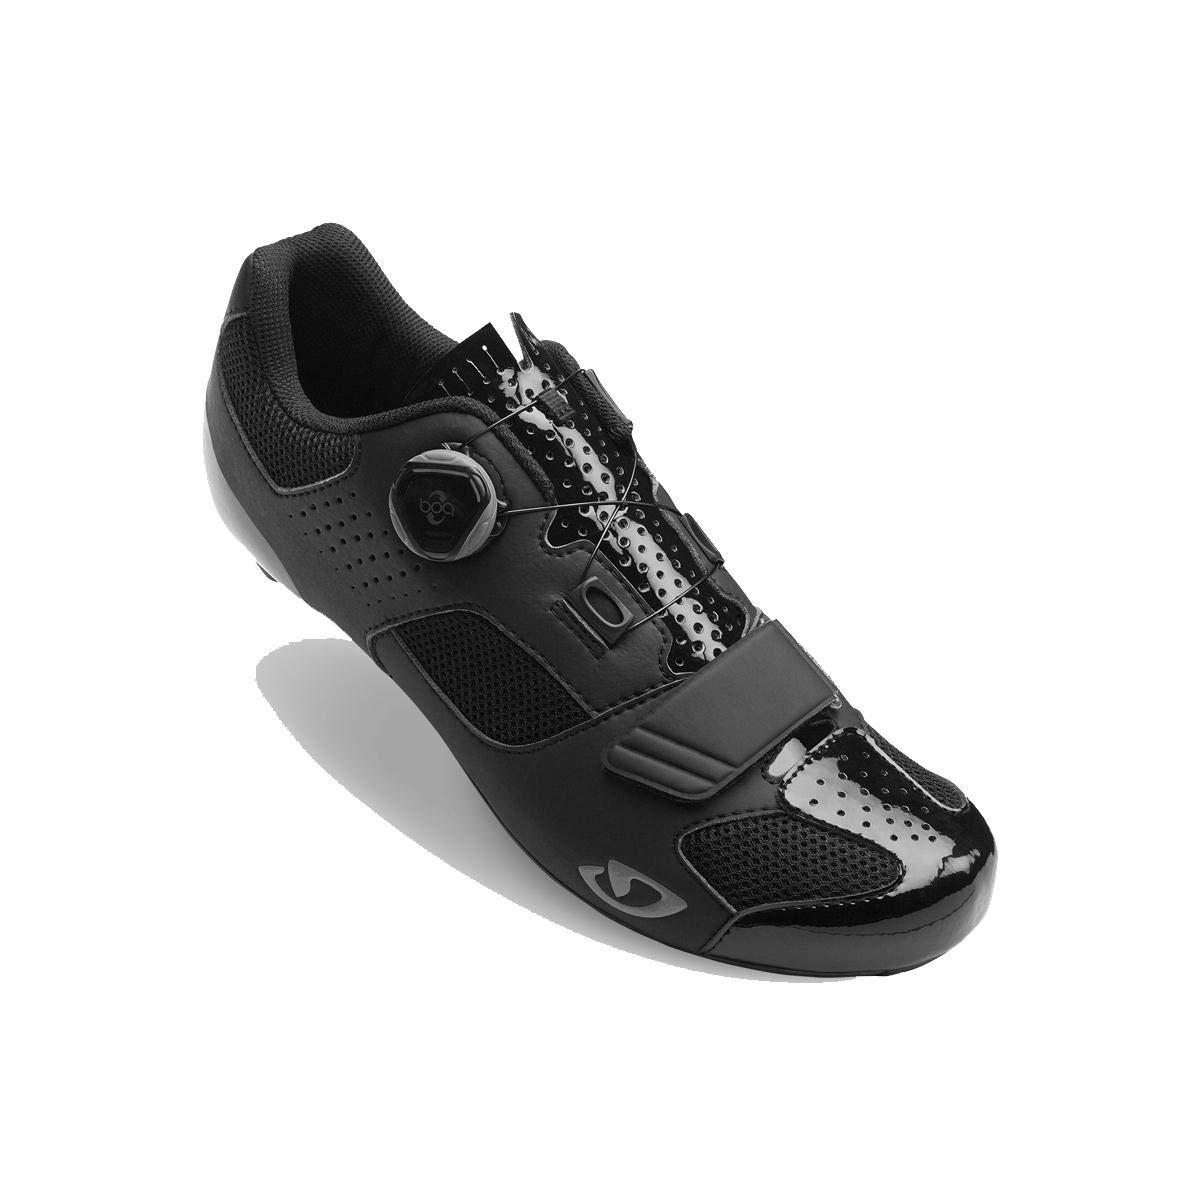 Giro TRANS Boa HV +サイクリング靴 – Men 's B075RNM649 45.5 M EU|ブラック ブラック 45.5 M EU